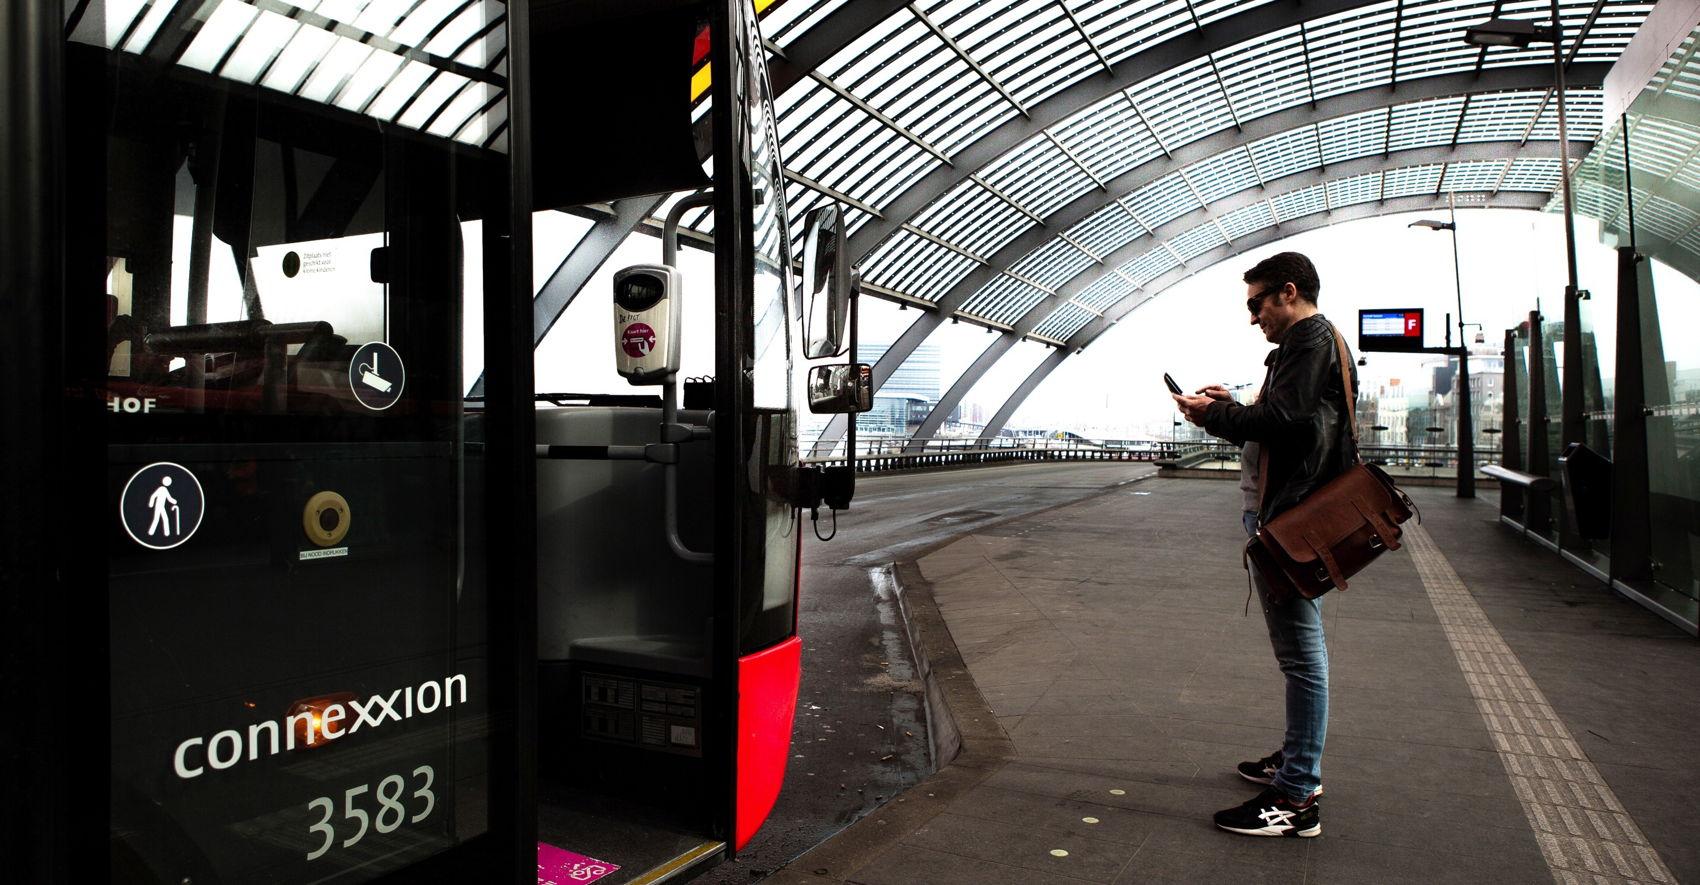 Lijnennet Het Openbaar Vervoer Van Naar En In Amsterdam